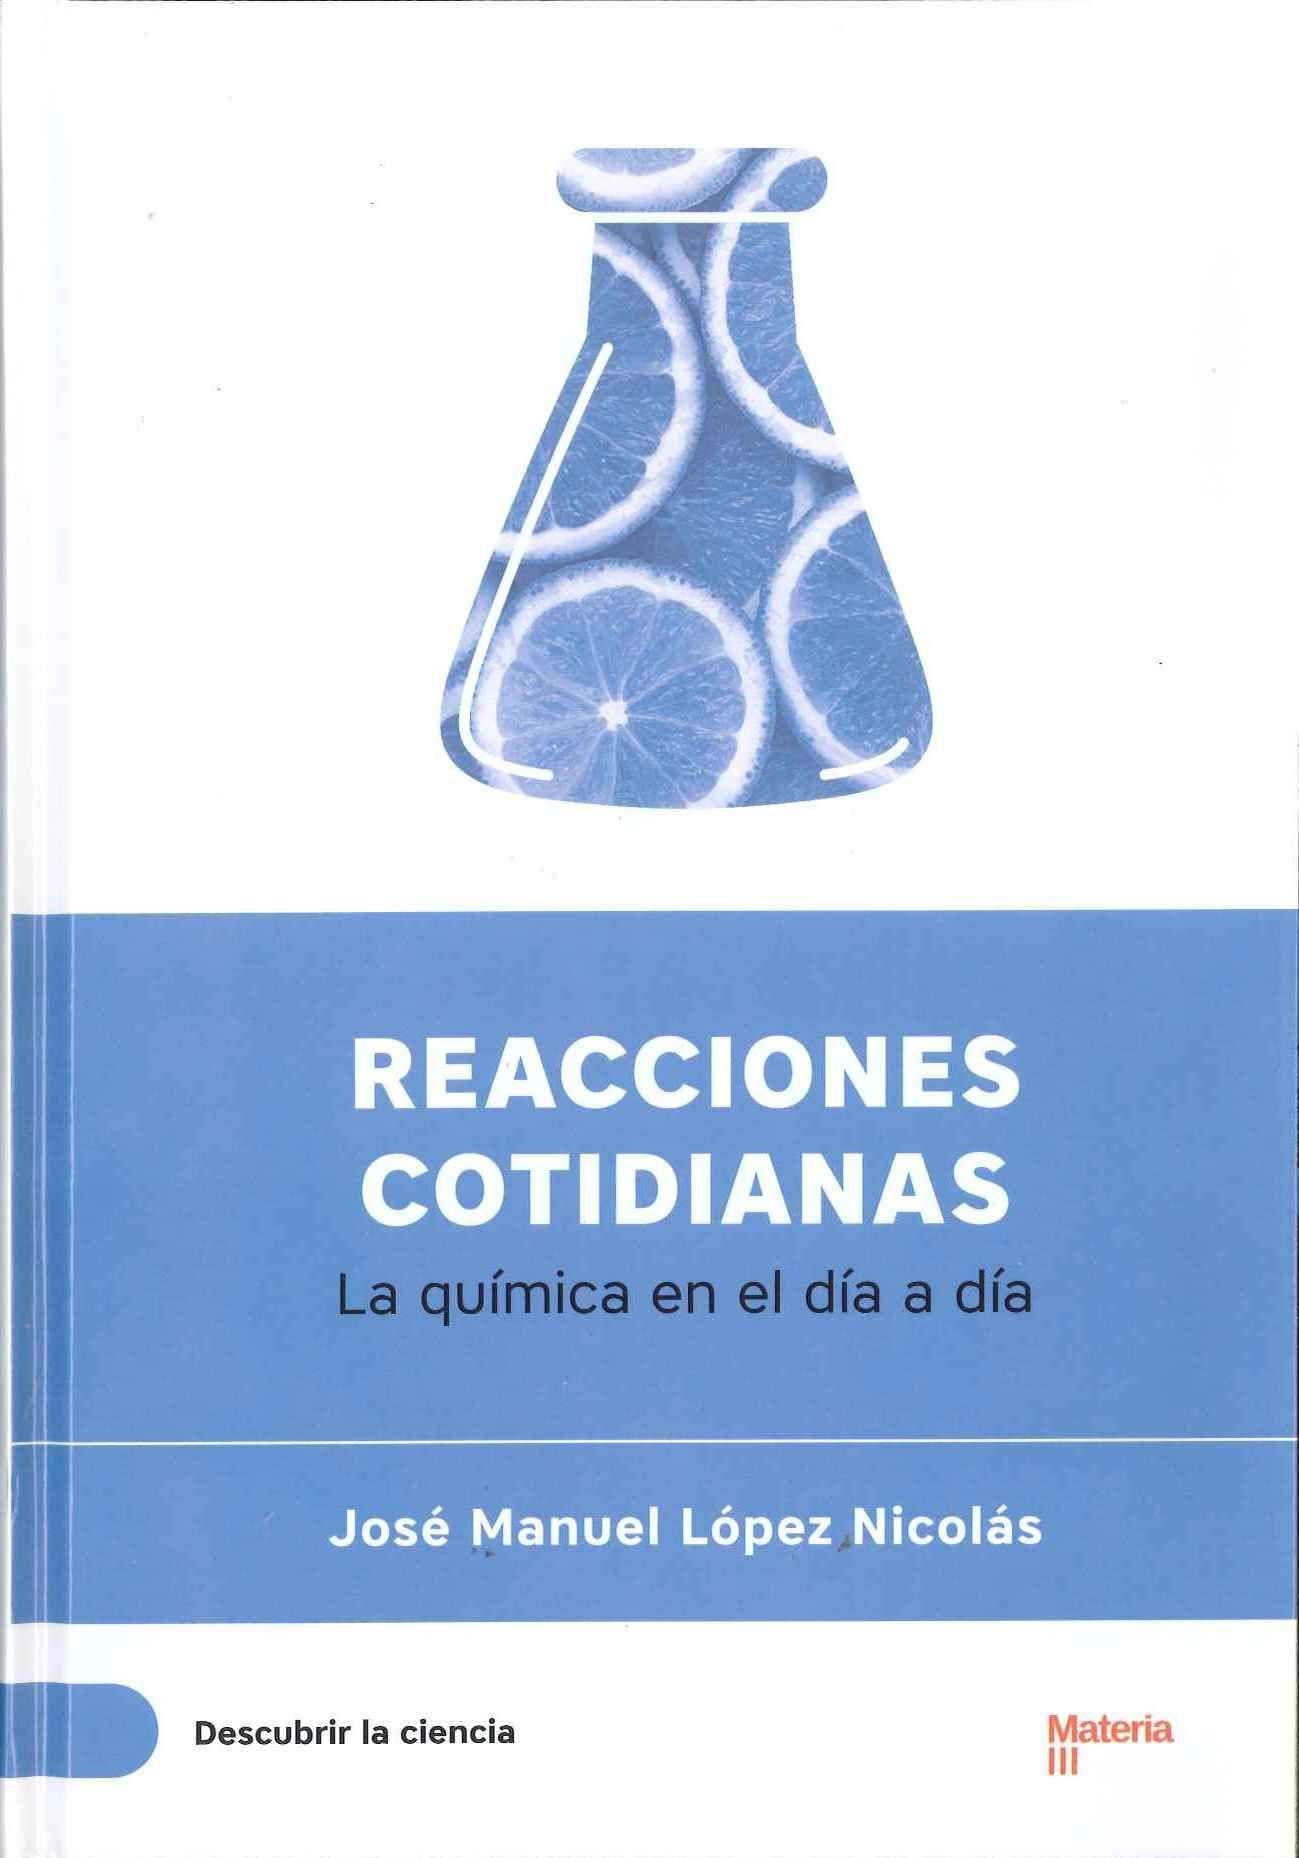 Reacciones Cotidianas La Química En El Día A Día José Manuel López Nicolás Desde Que Nos Levantamos Hasta Que Nos Acostamos La Quím Química Ciencia Libros